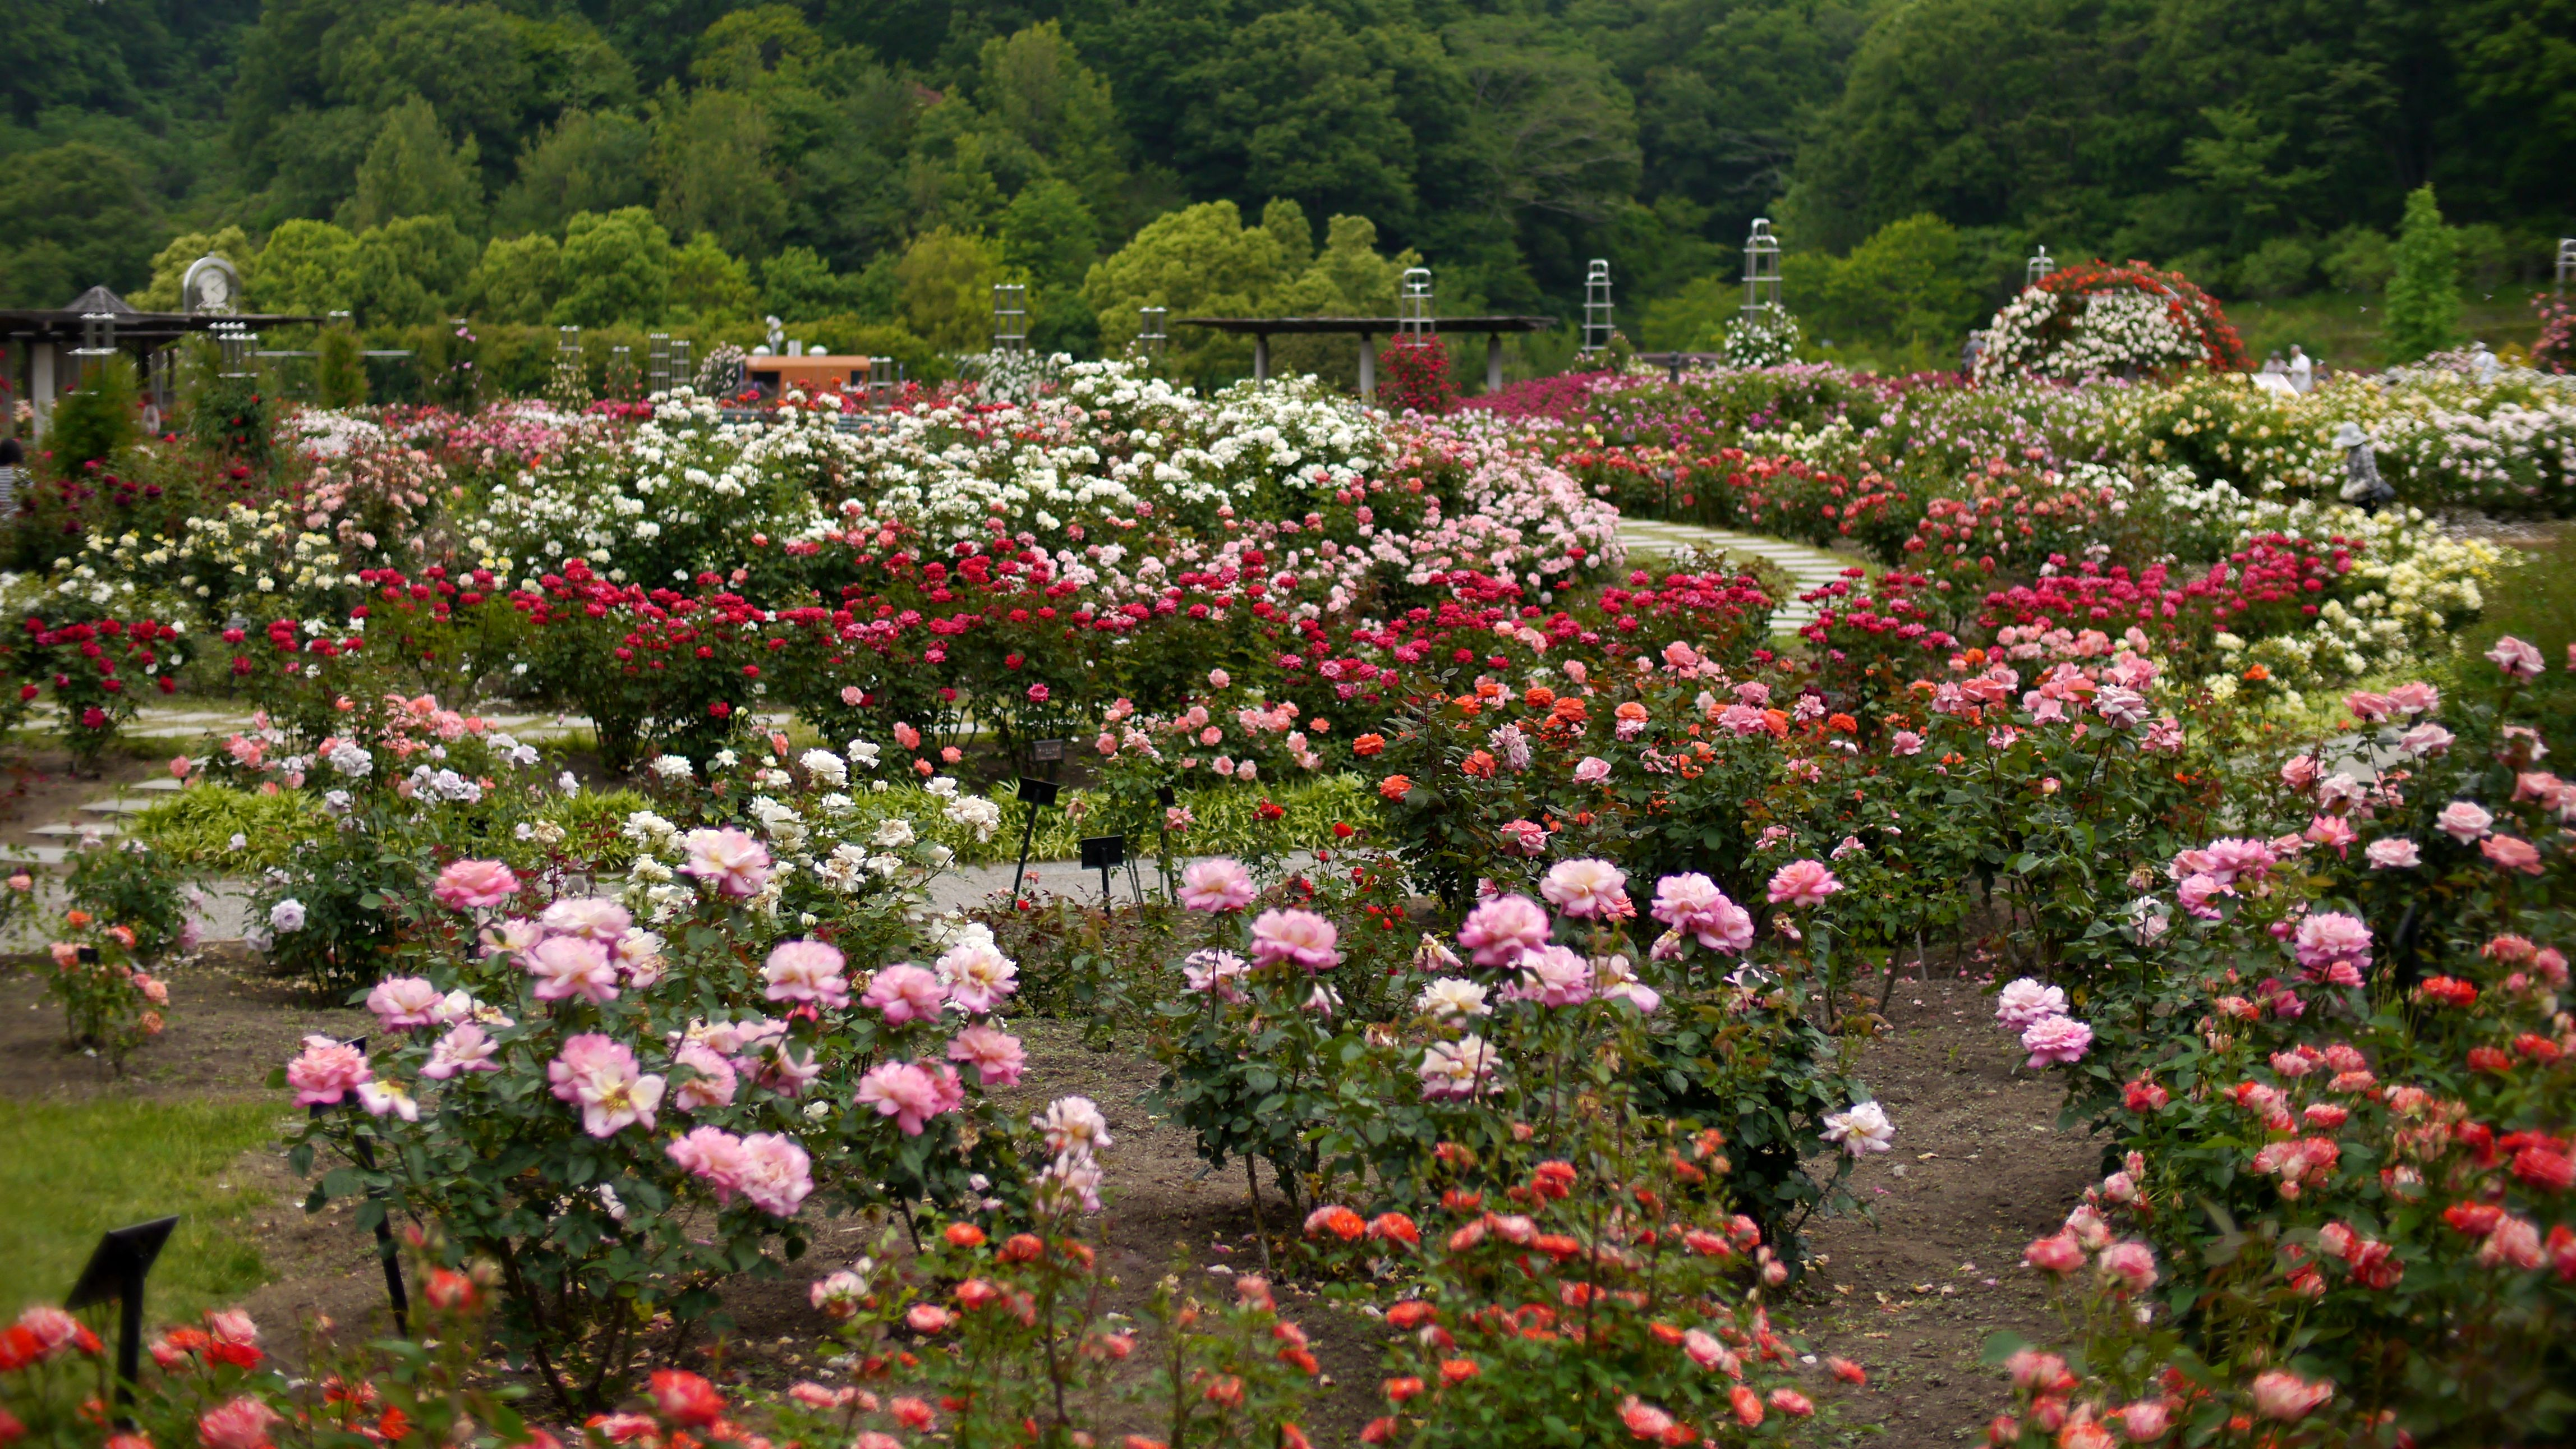 File:The rose garden of Flower festival commemorative park, 花 ...